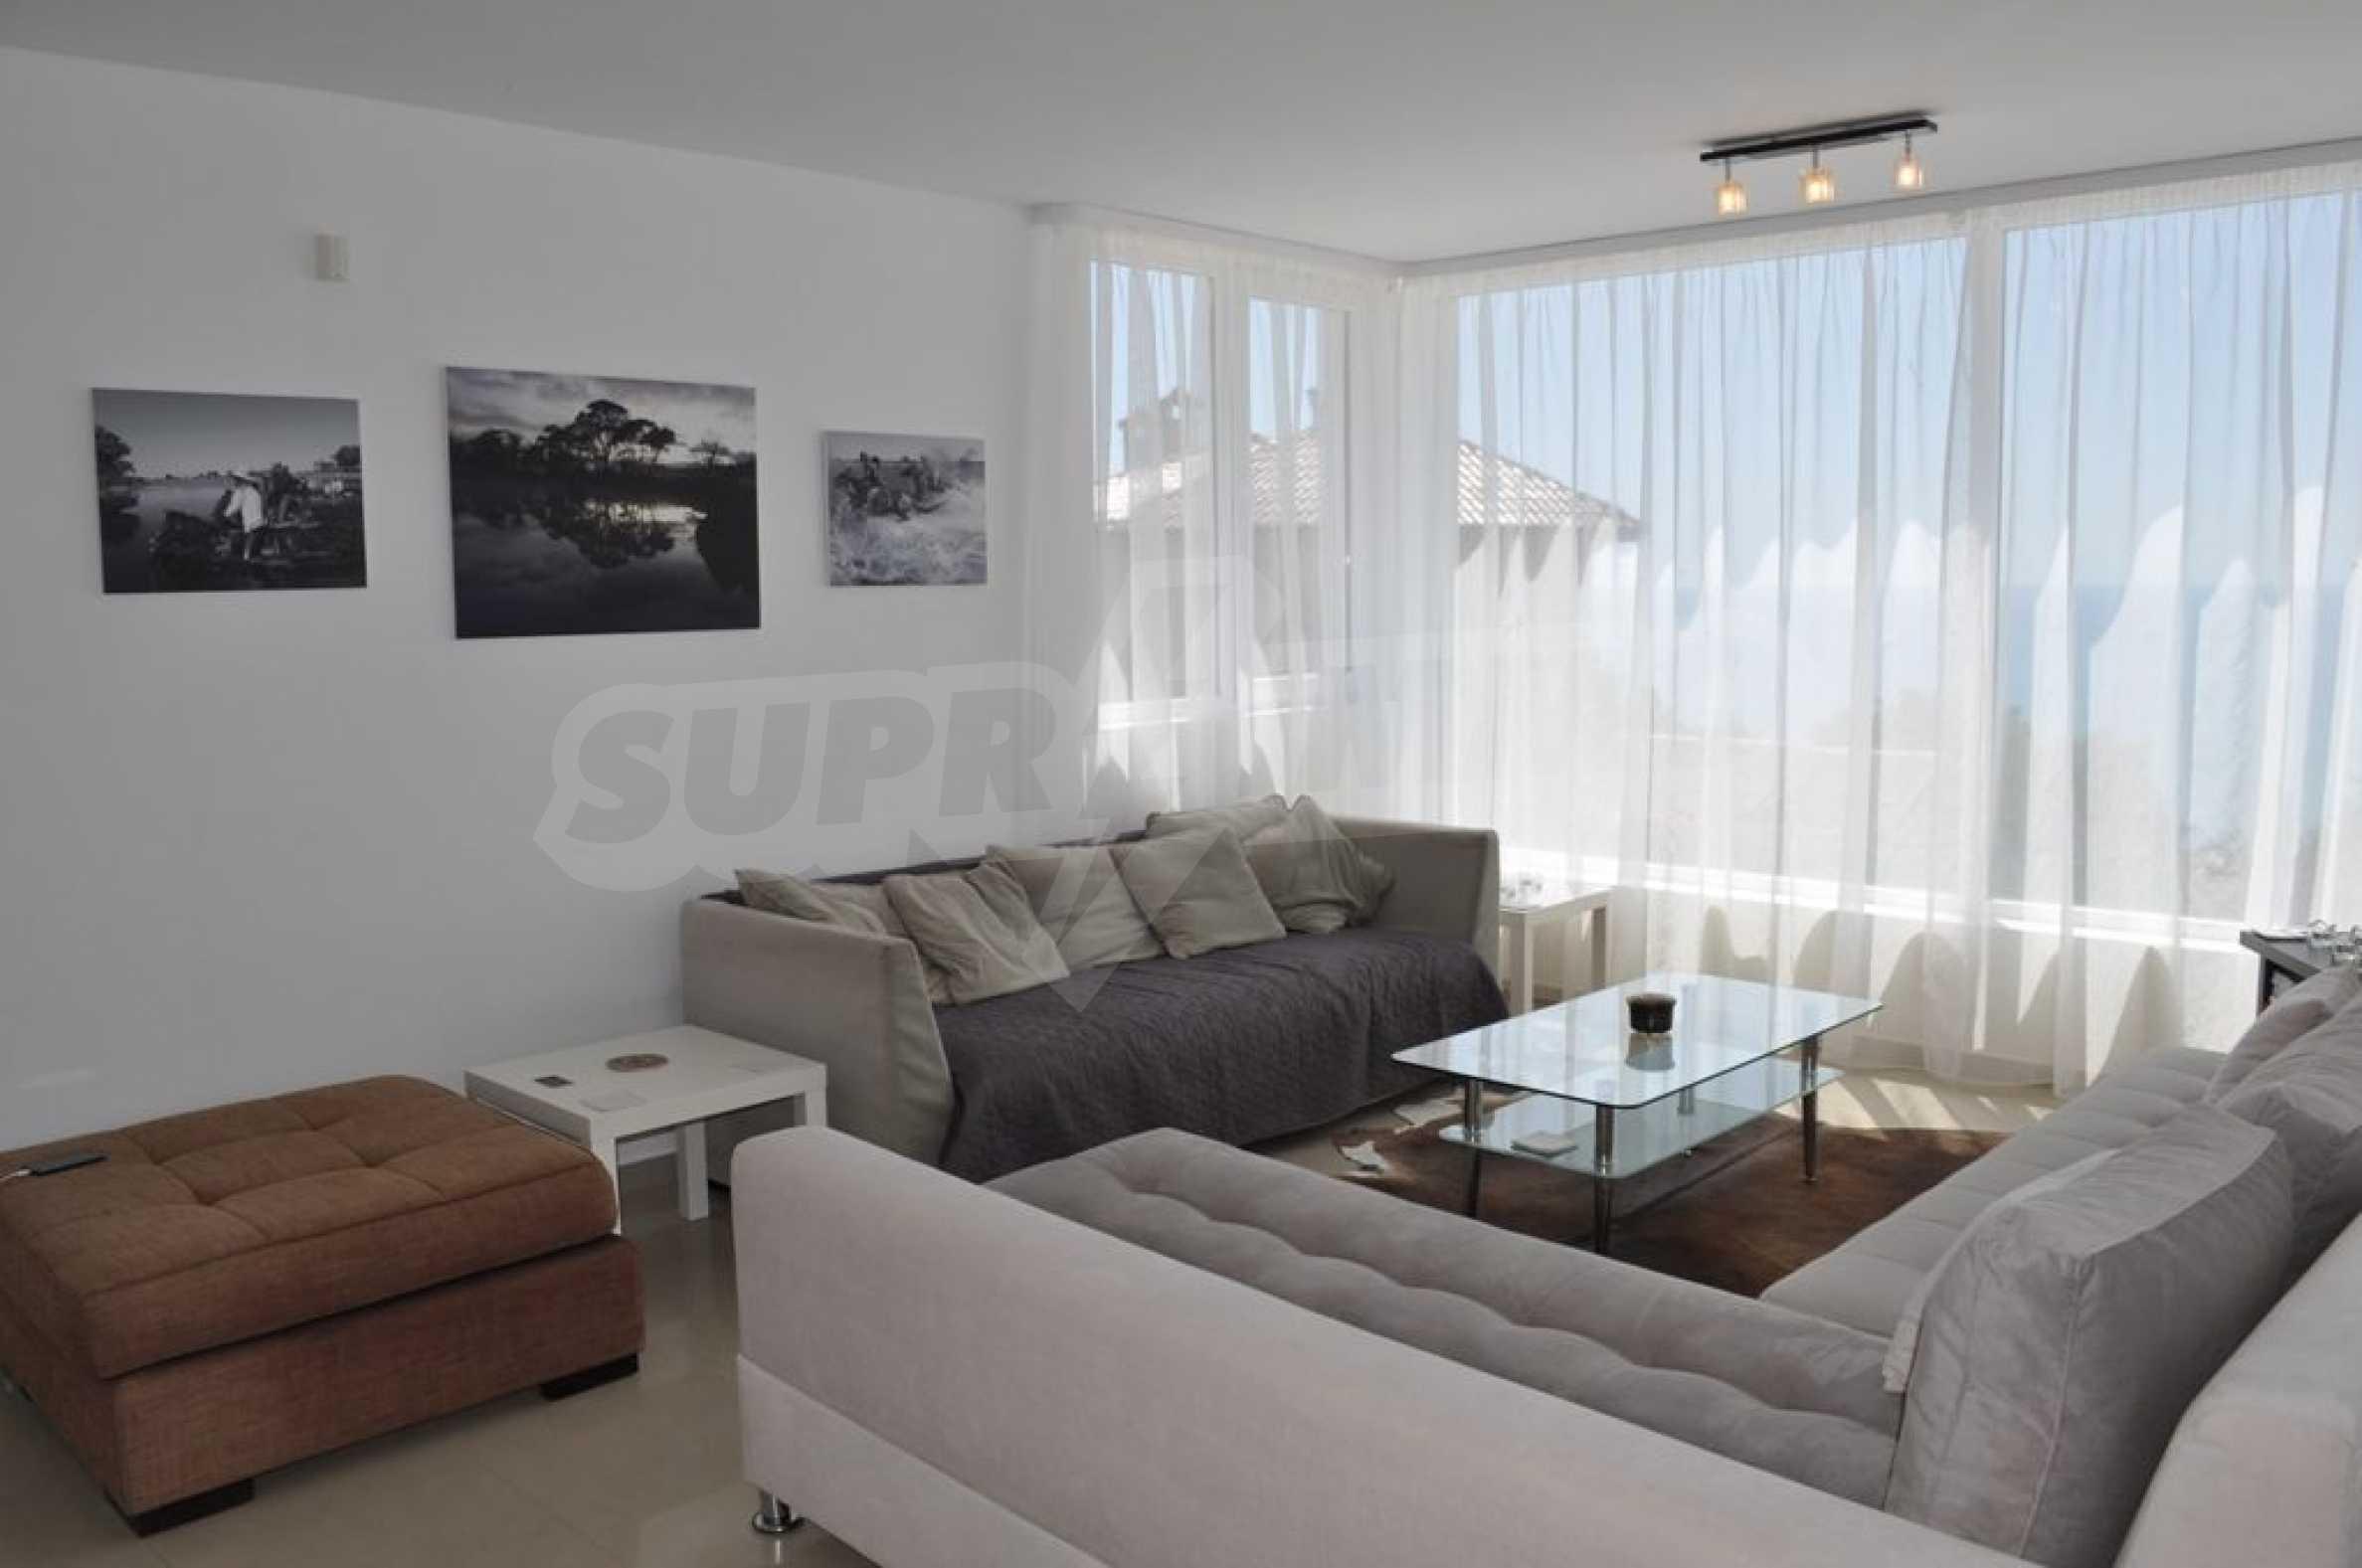 Luxusvilla mit 4 Schlafzimmern zu vermieten in der Nähe des Resorts. Albena 8